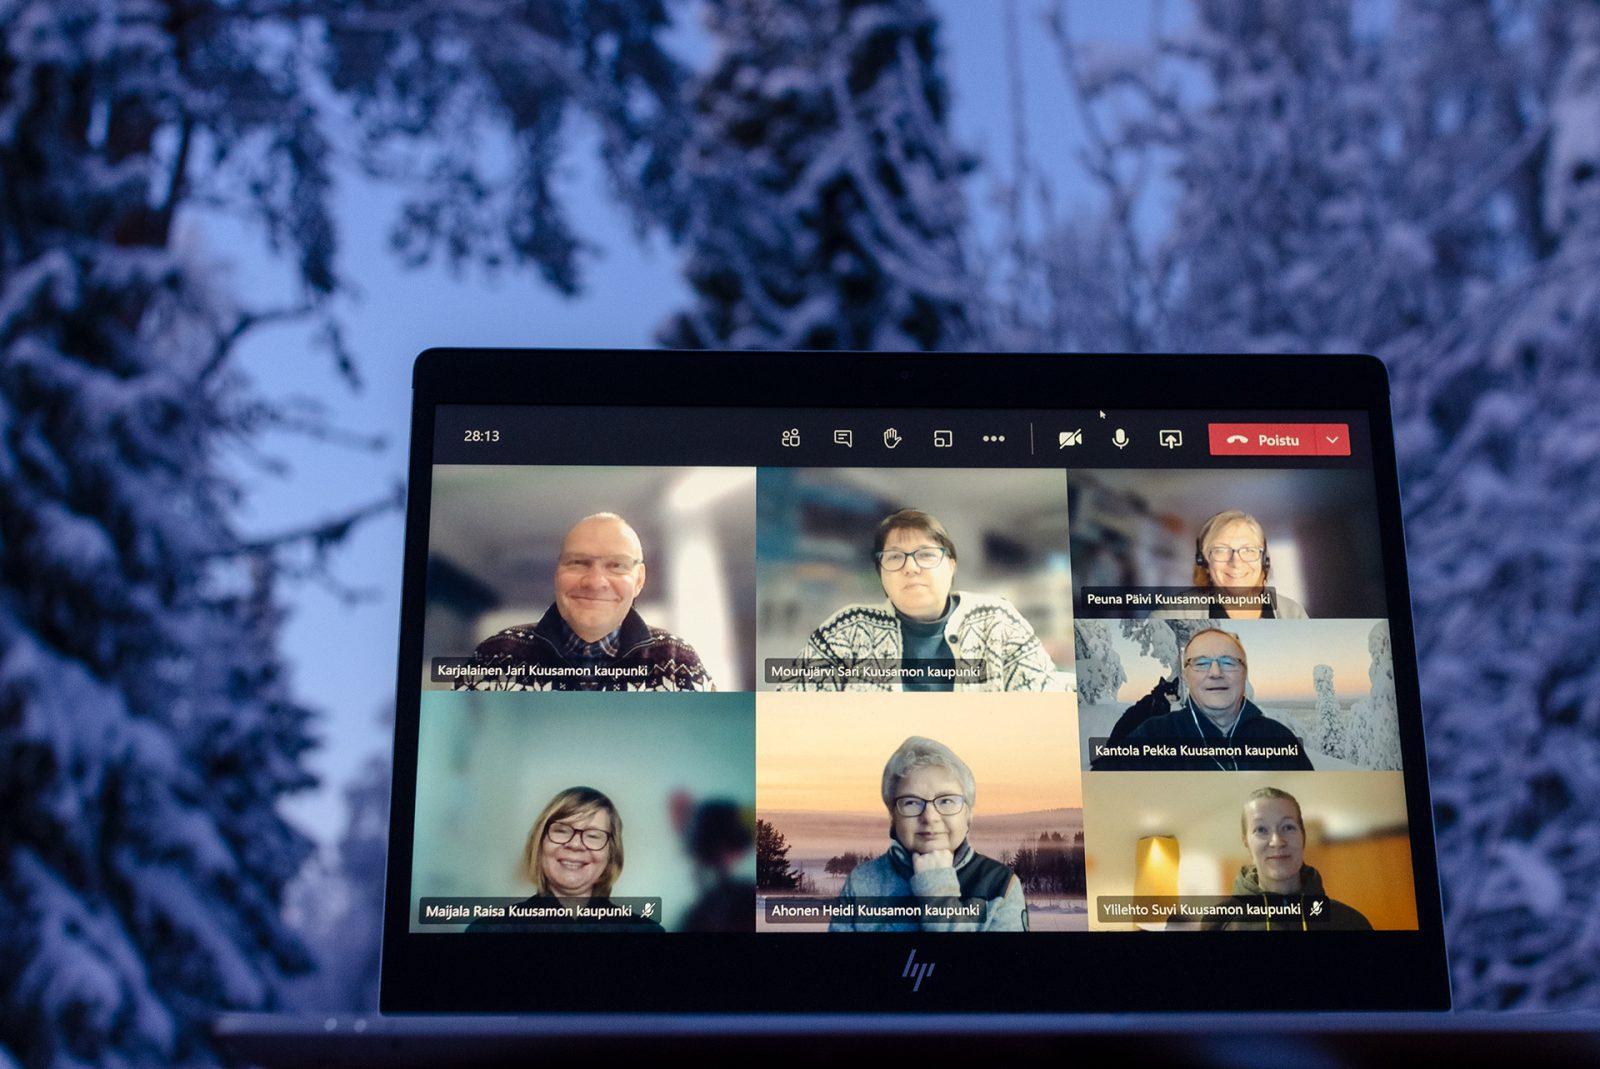 Tietokoneen näytöllä seitsemän ihmisen etäkokous. Taustalla lumiset puut ja pakkaspäivän sininen hetki.